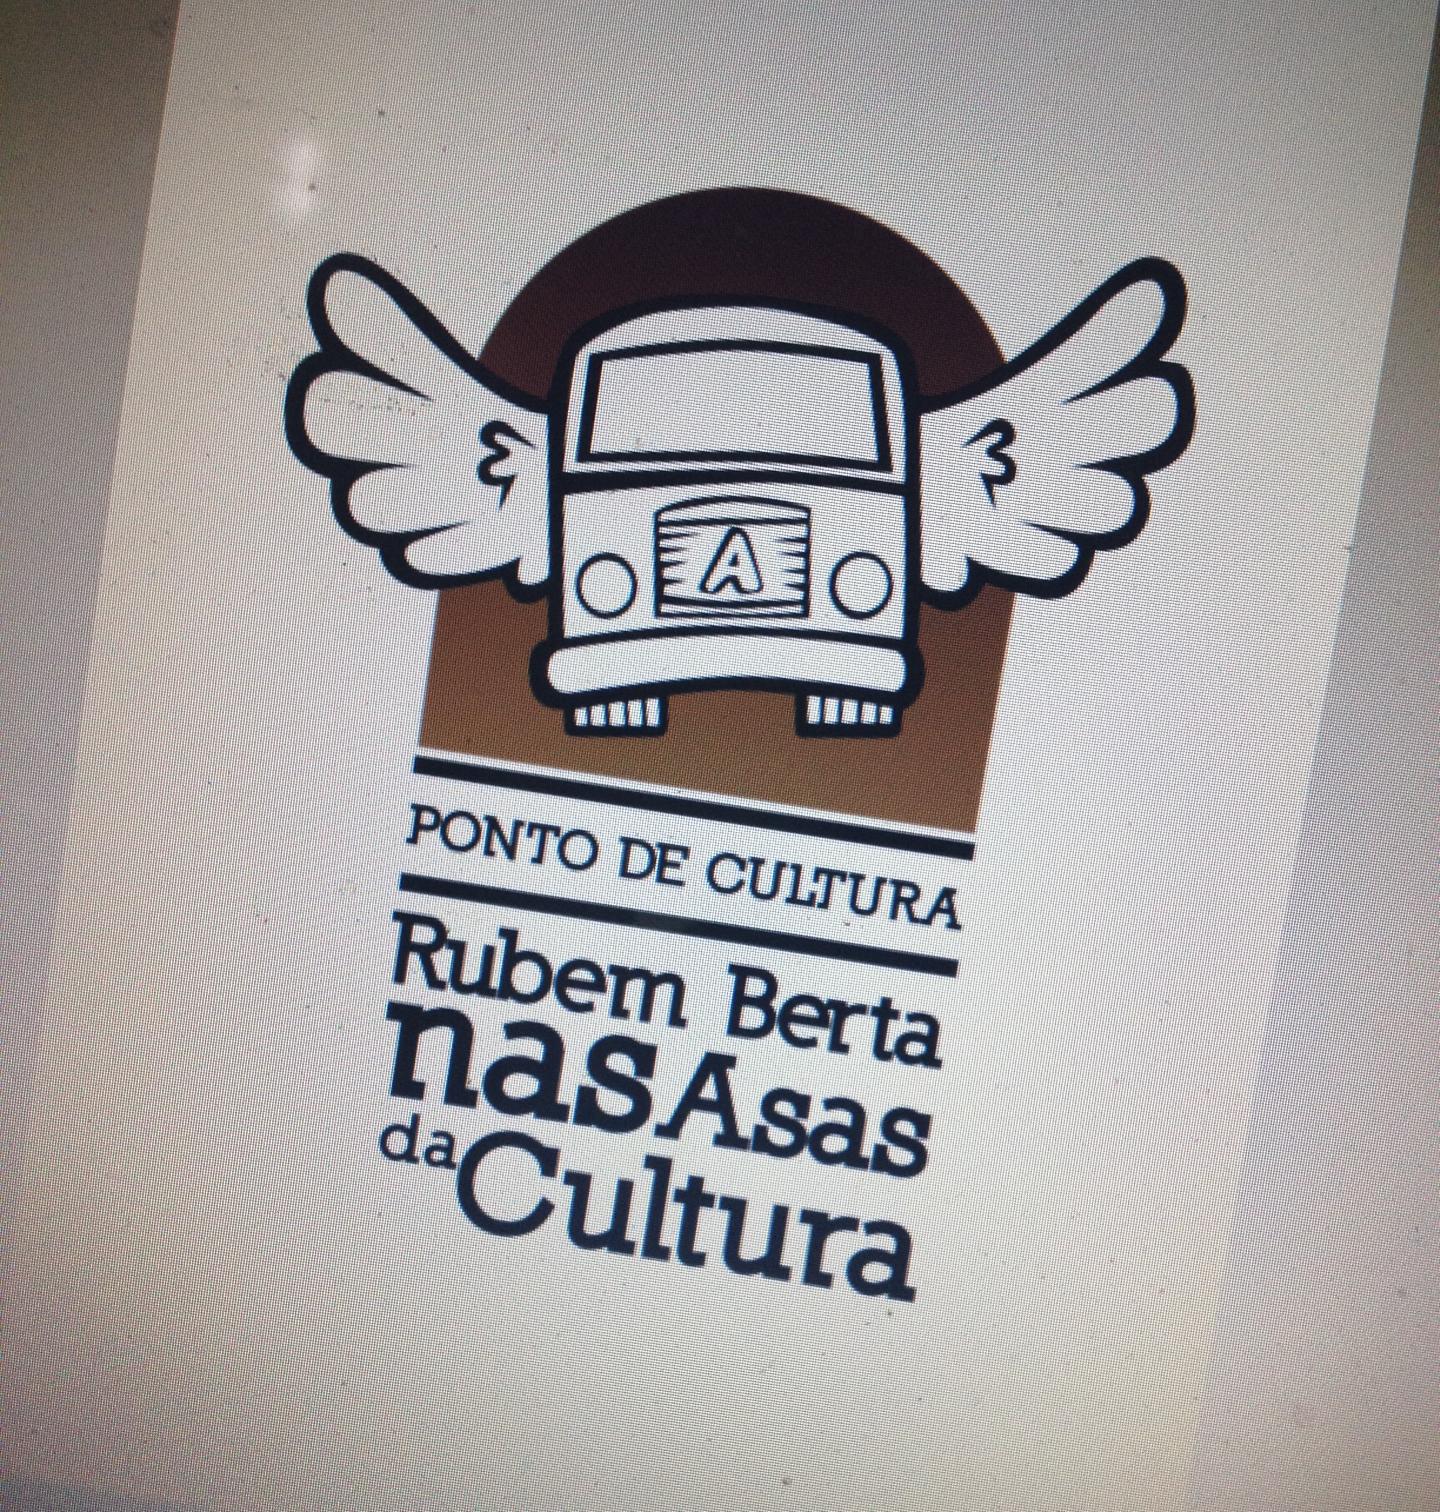 Logotipo Ponto de Cultura